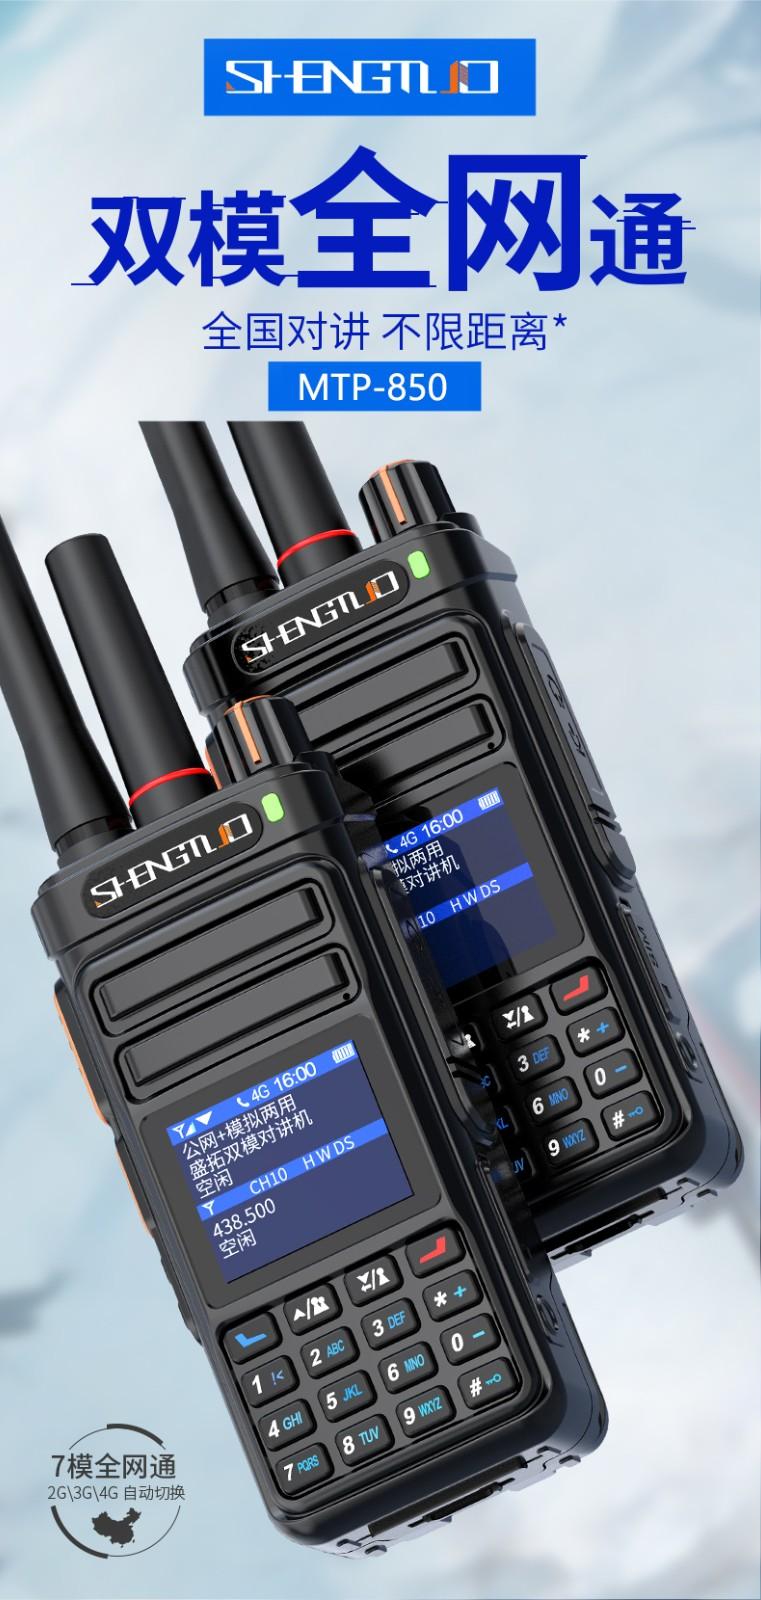 盛拓对讲机全国通公网5000公里不限距离50公里免续费电信插卡车队自驾游户外无线手持4G双模电信